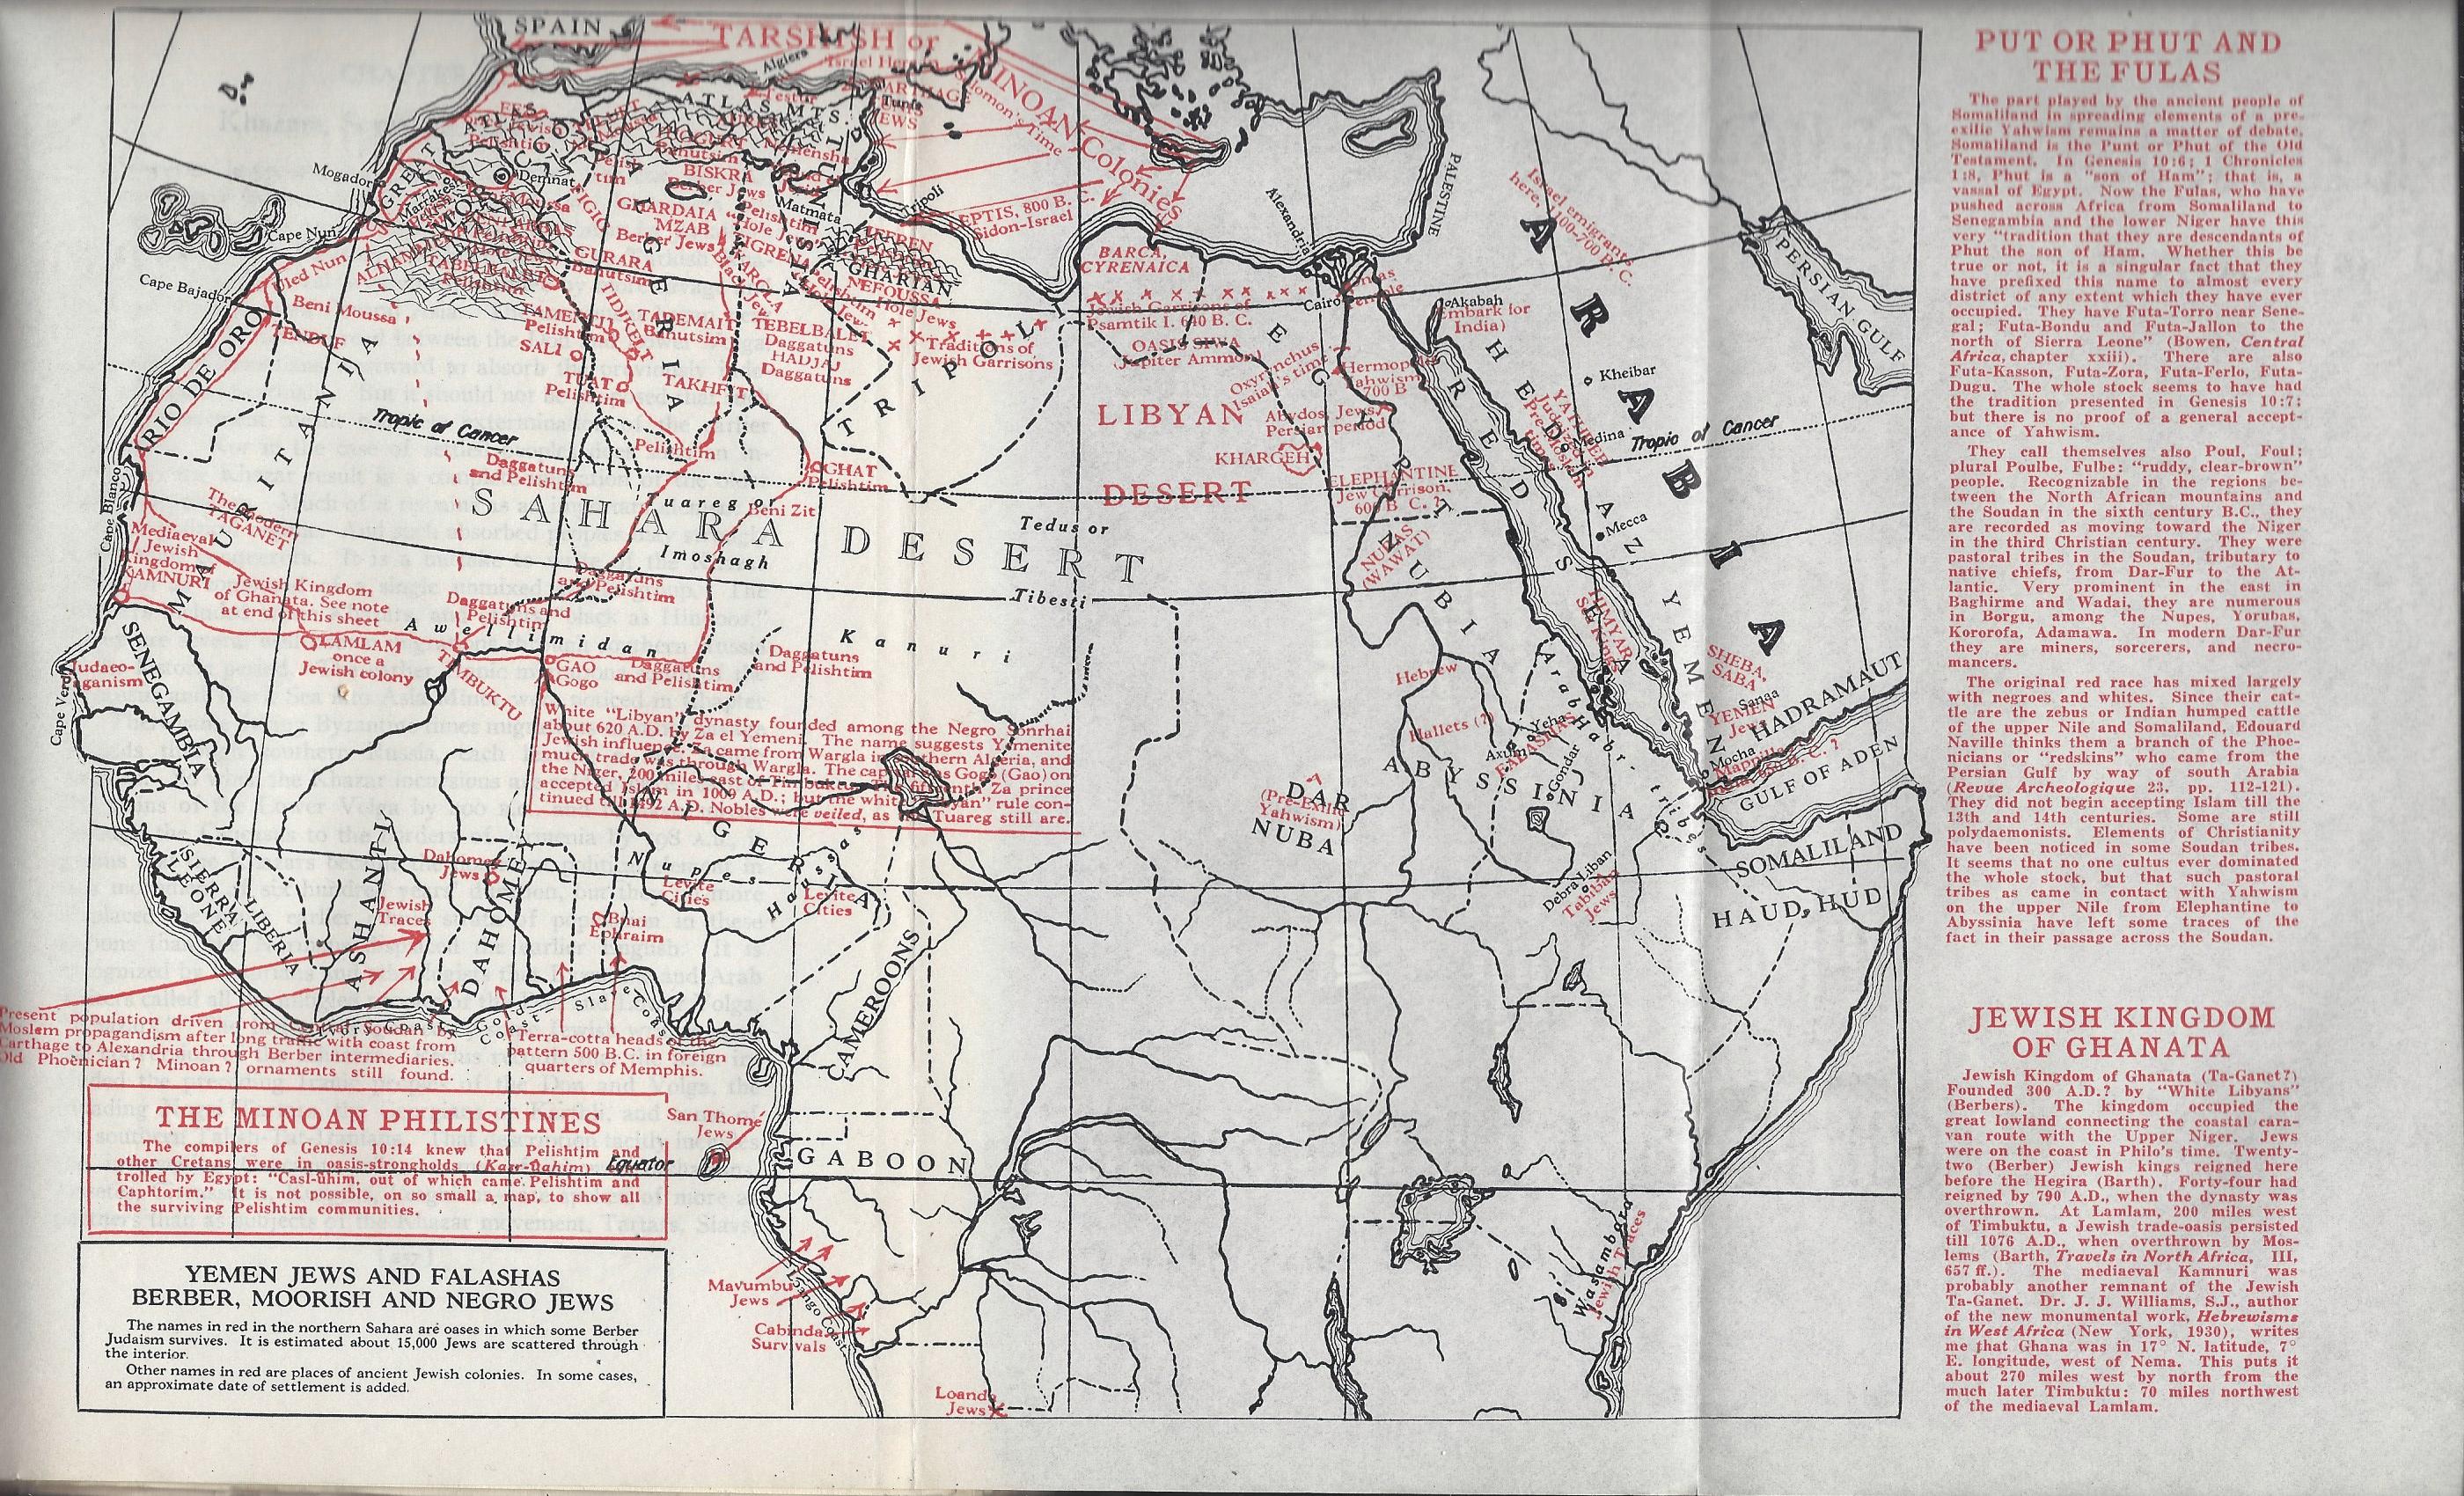 yemen-falasha-beber-moorish-negro-jews-pg-257-2-3-3